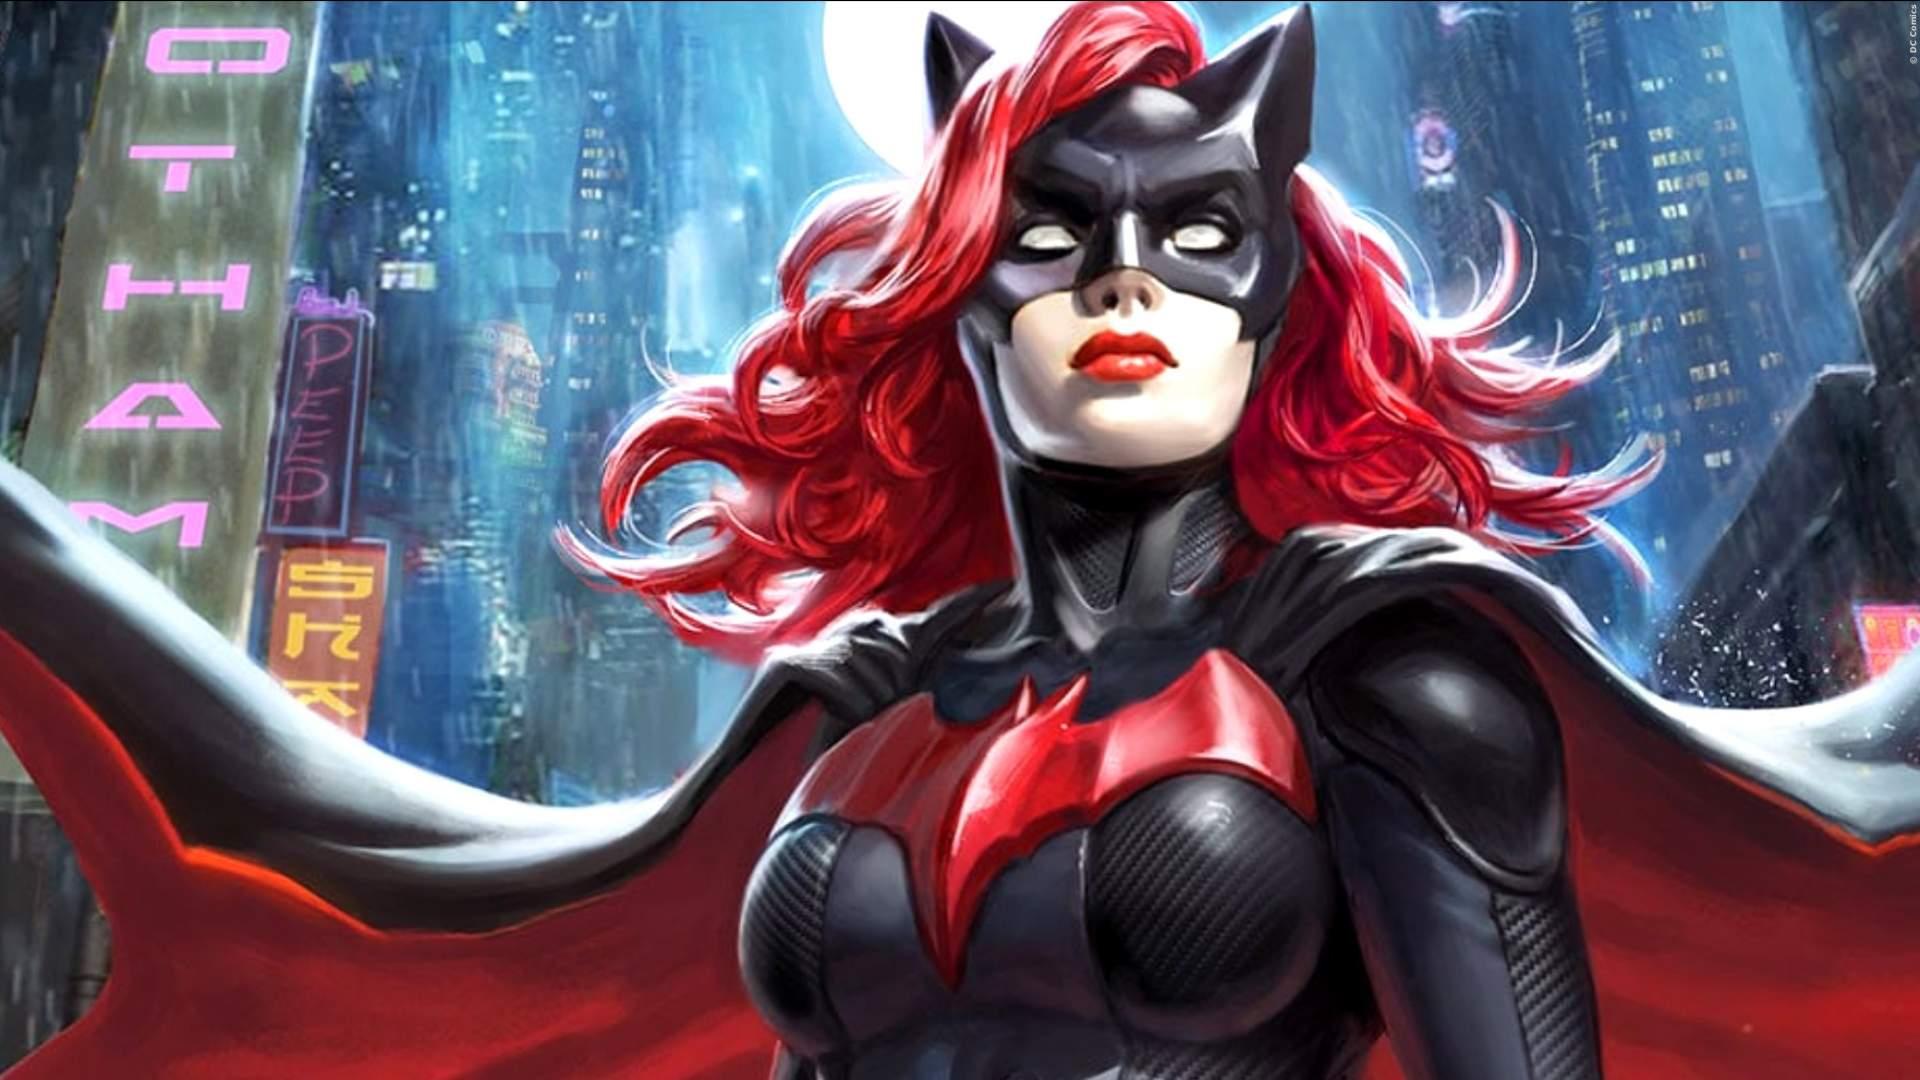 Batwoman Xxx batwoman: xxx-star wird zur superheldin - film.tv